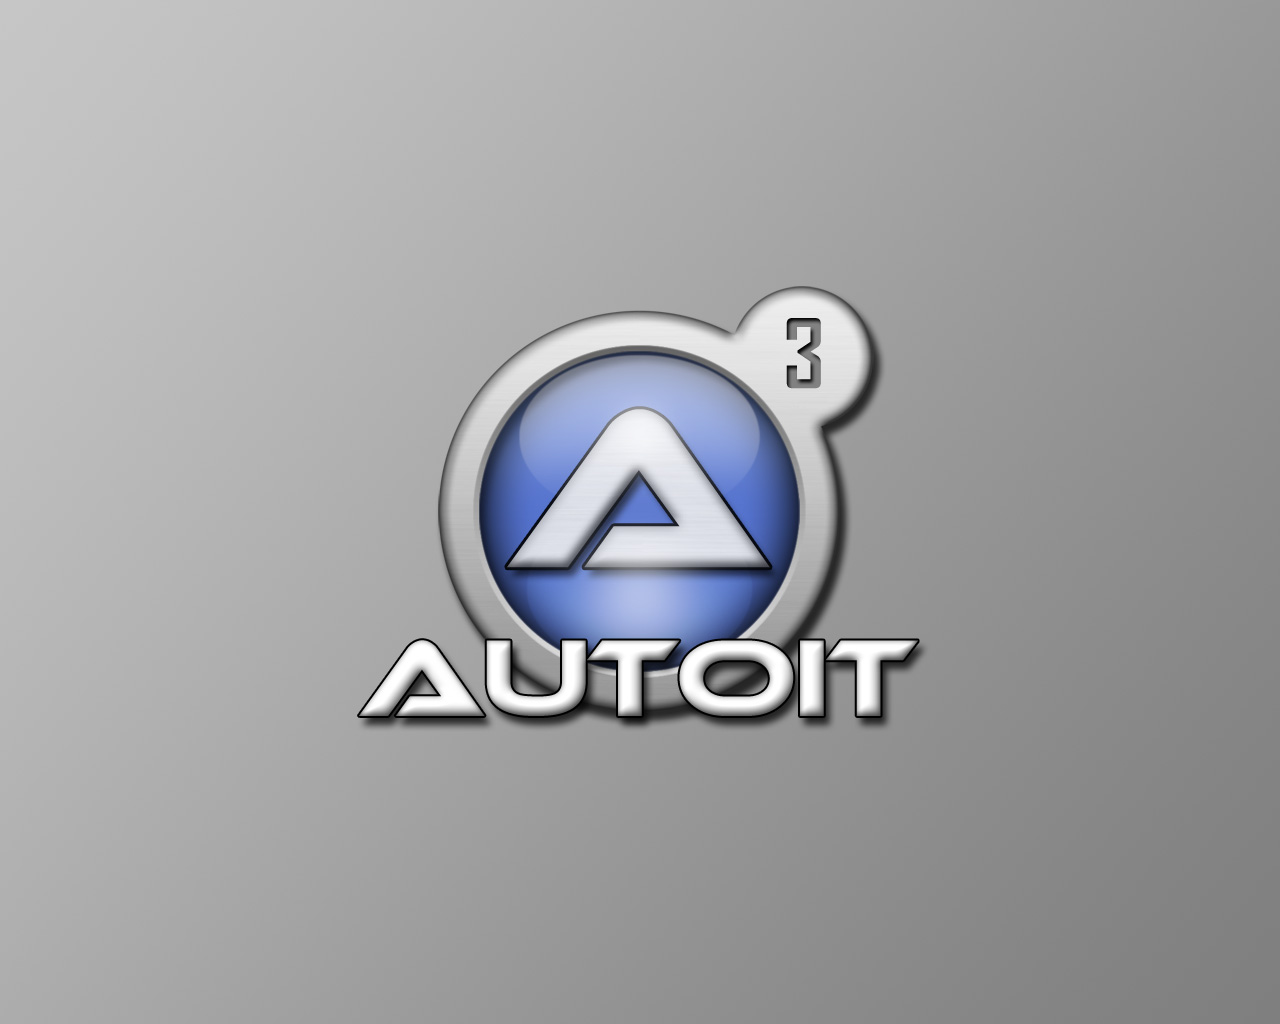 شرح حذف فيروس autoit3.exe